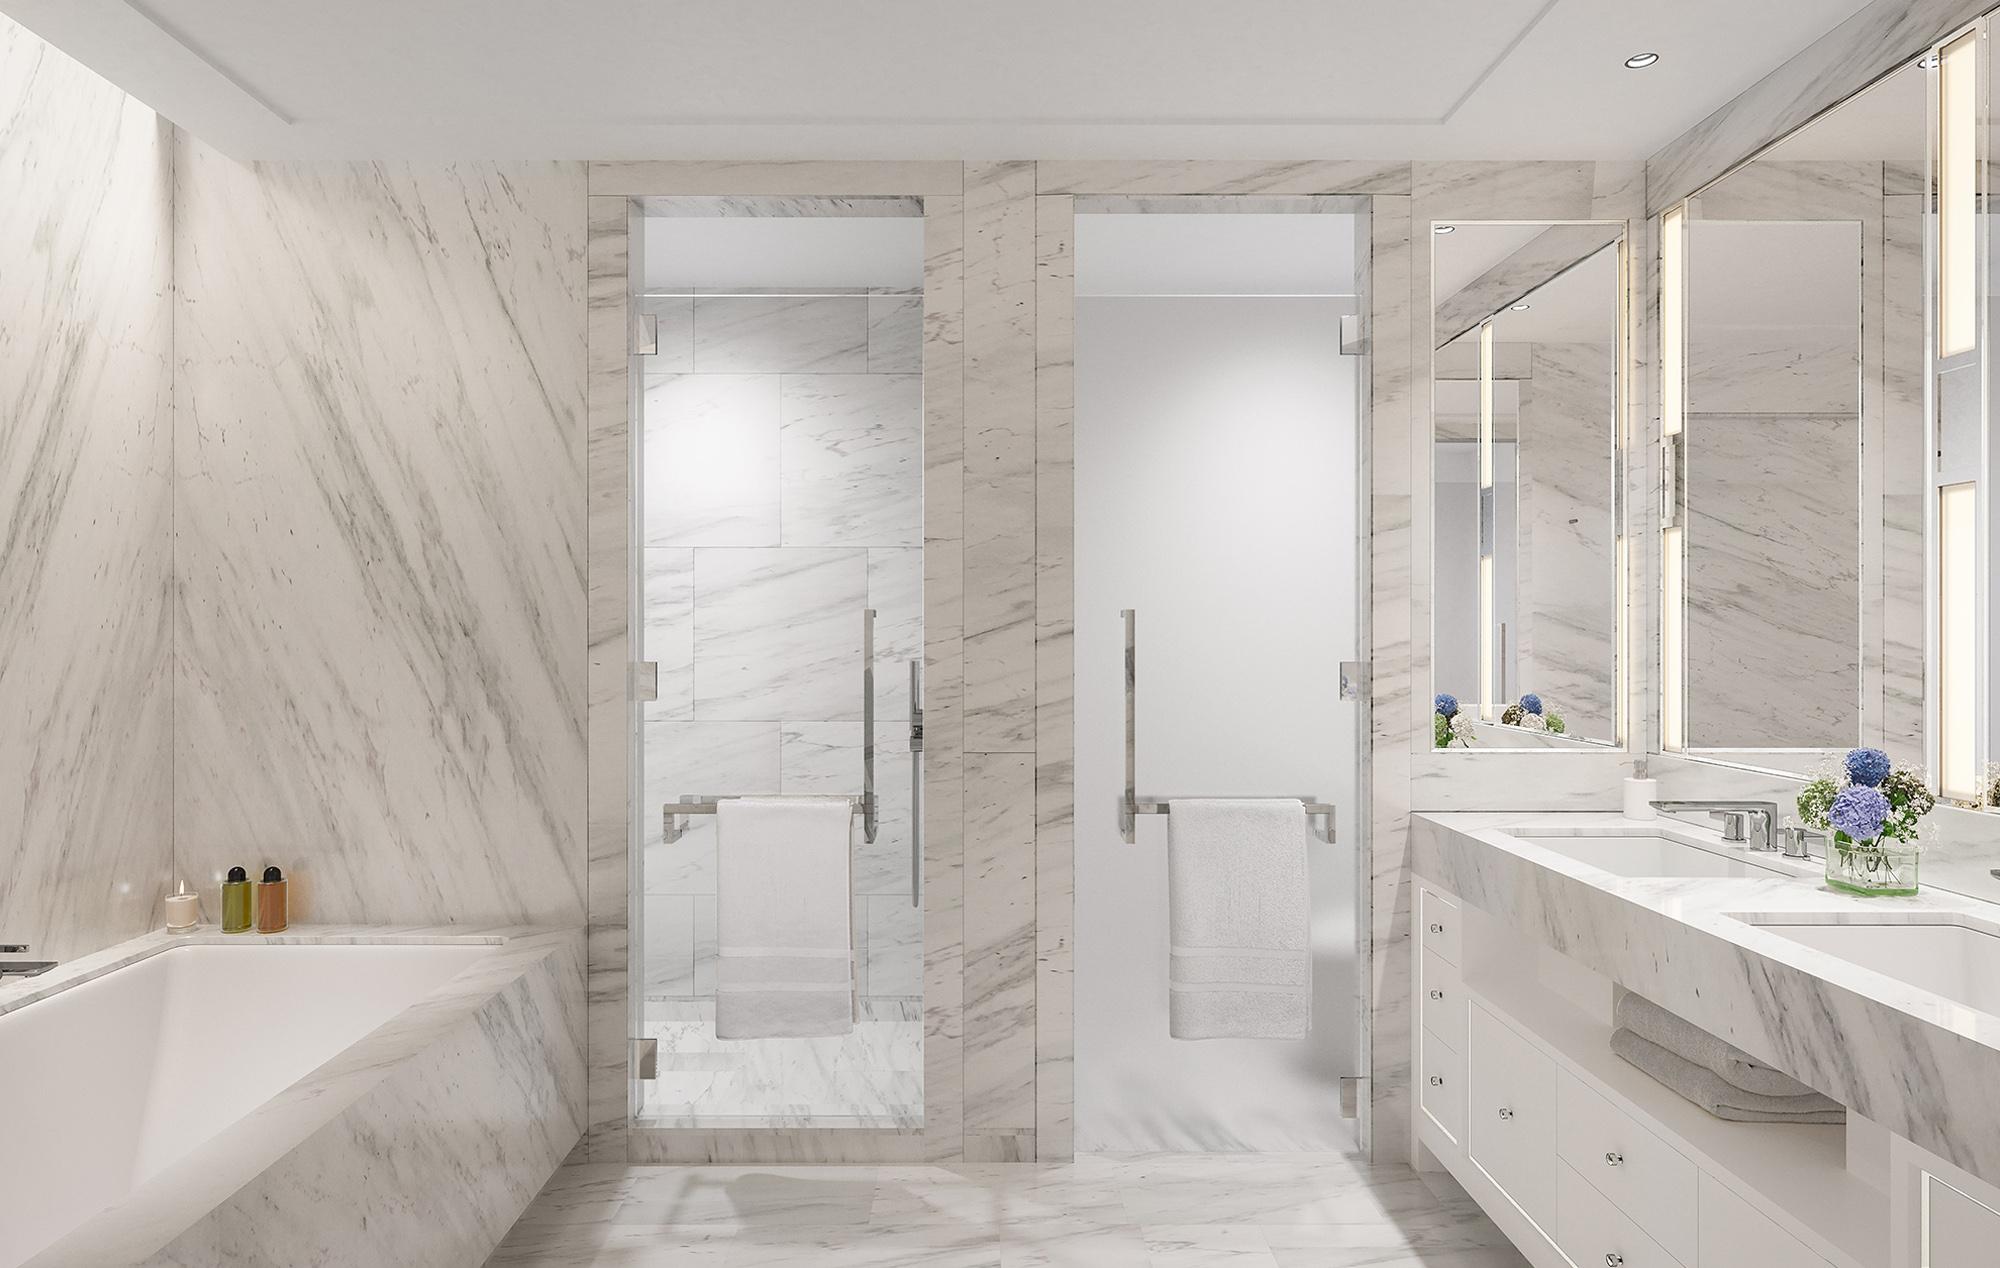 Luxury One Waterline Square Master Condominium Bathroom